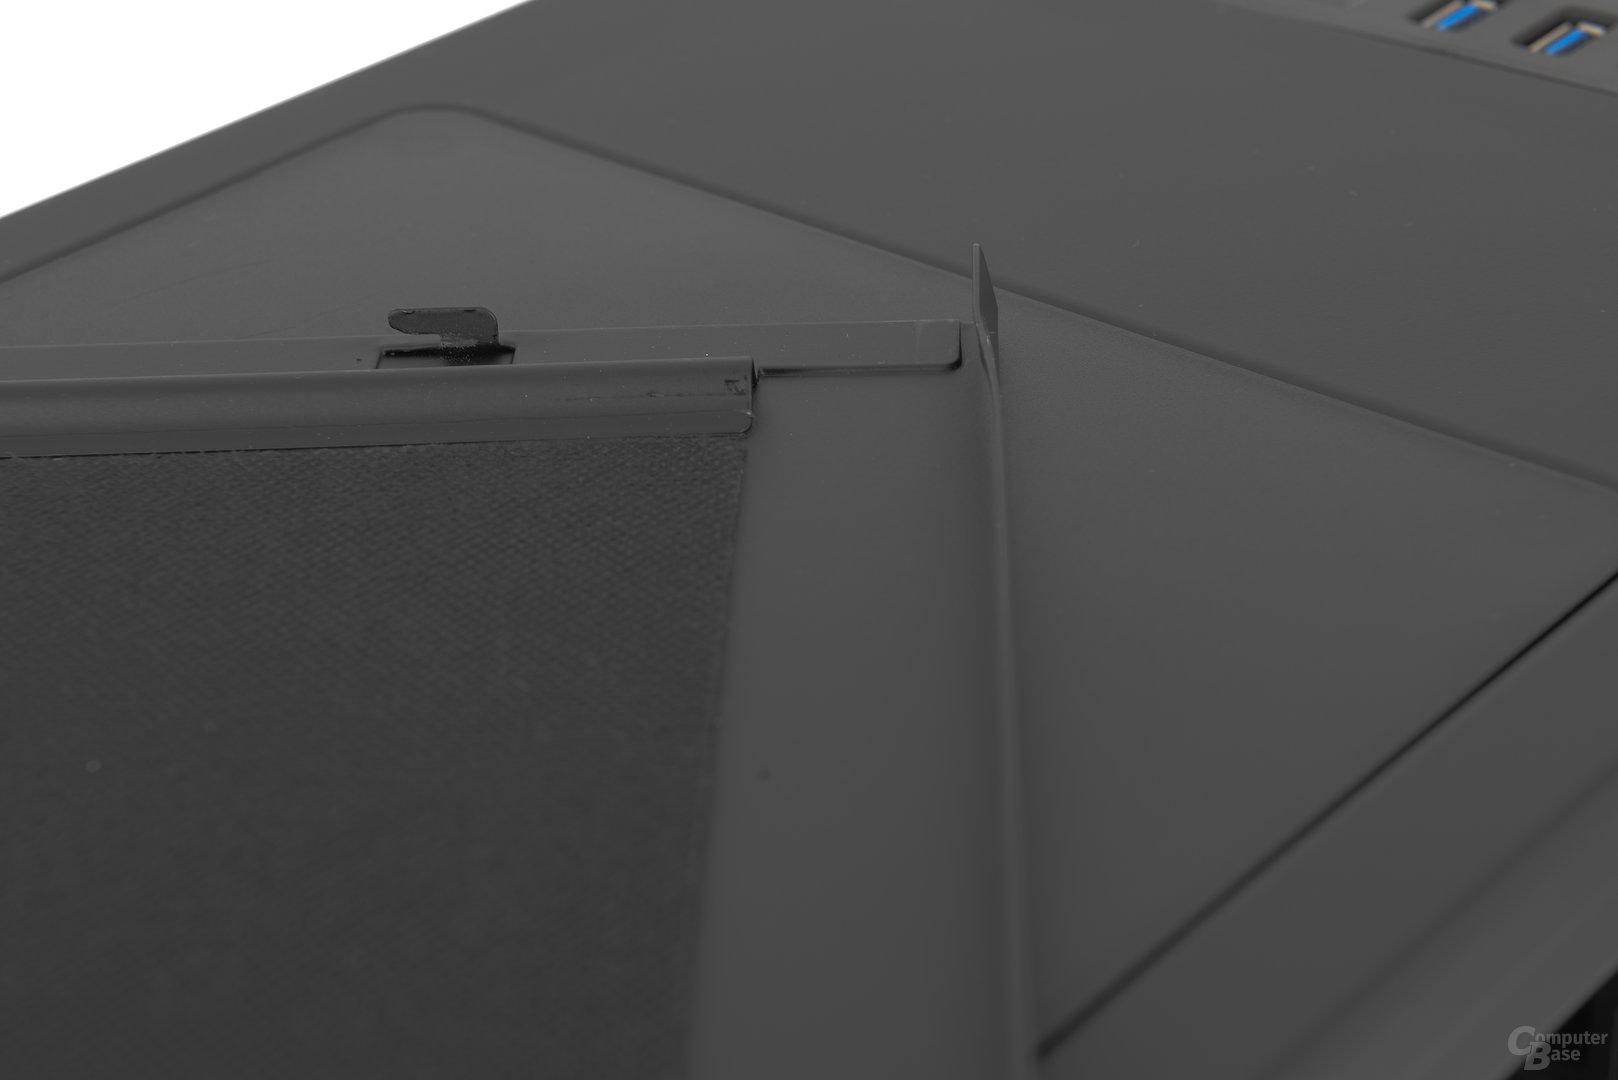 Aerocool DS 230 – Deformierung des Seitenteils im Detail